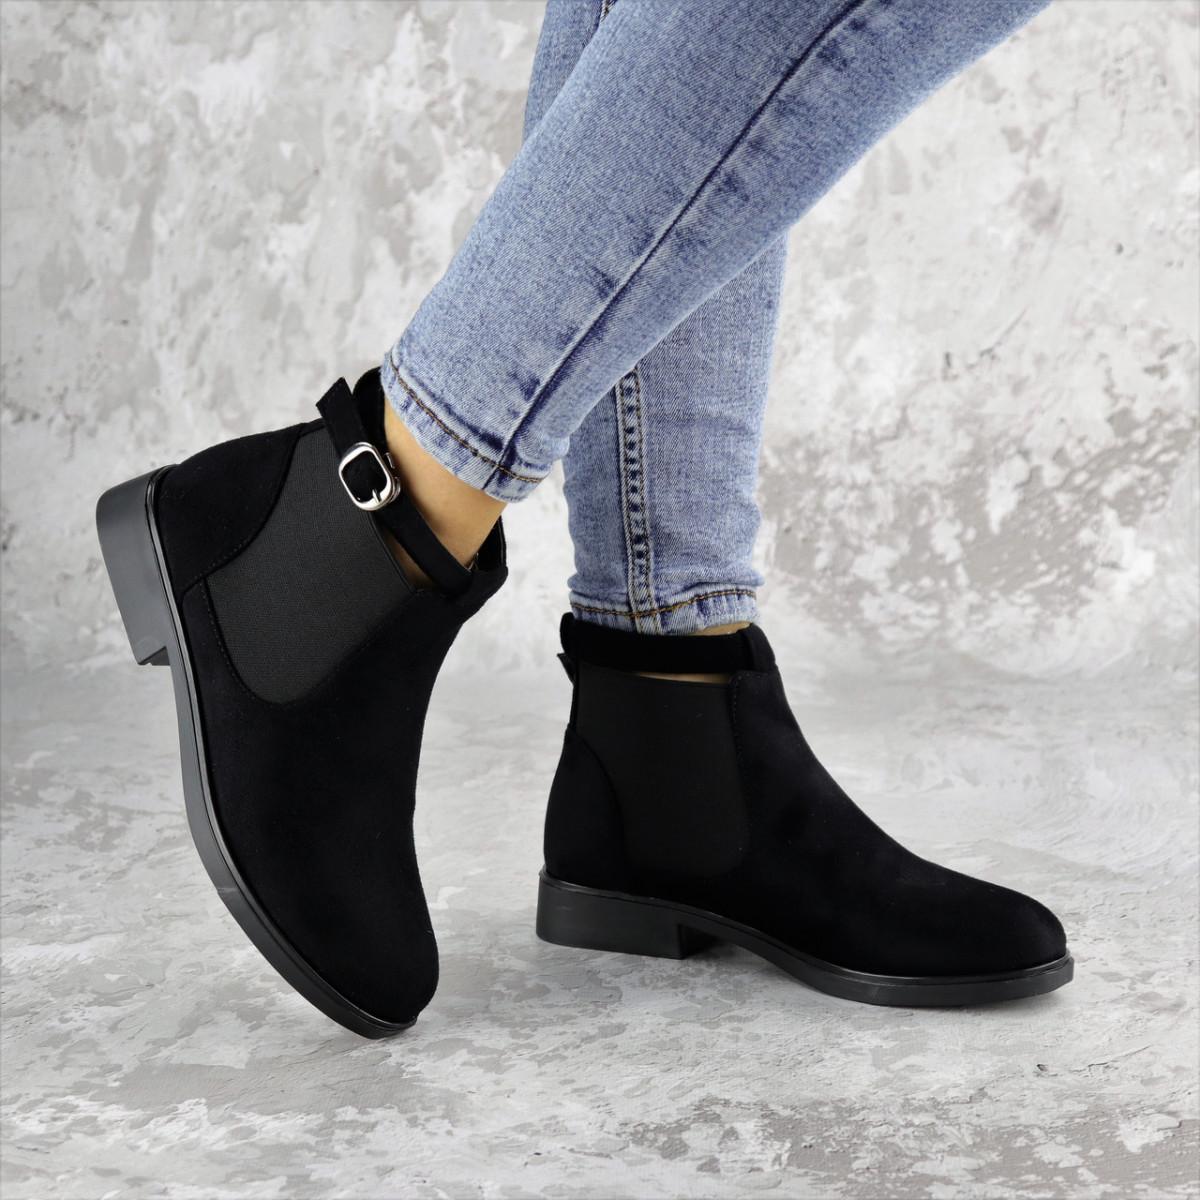 Ботиночки женские Fashion Vickie 1435 36 размер 23,5 см Черный